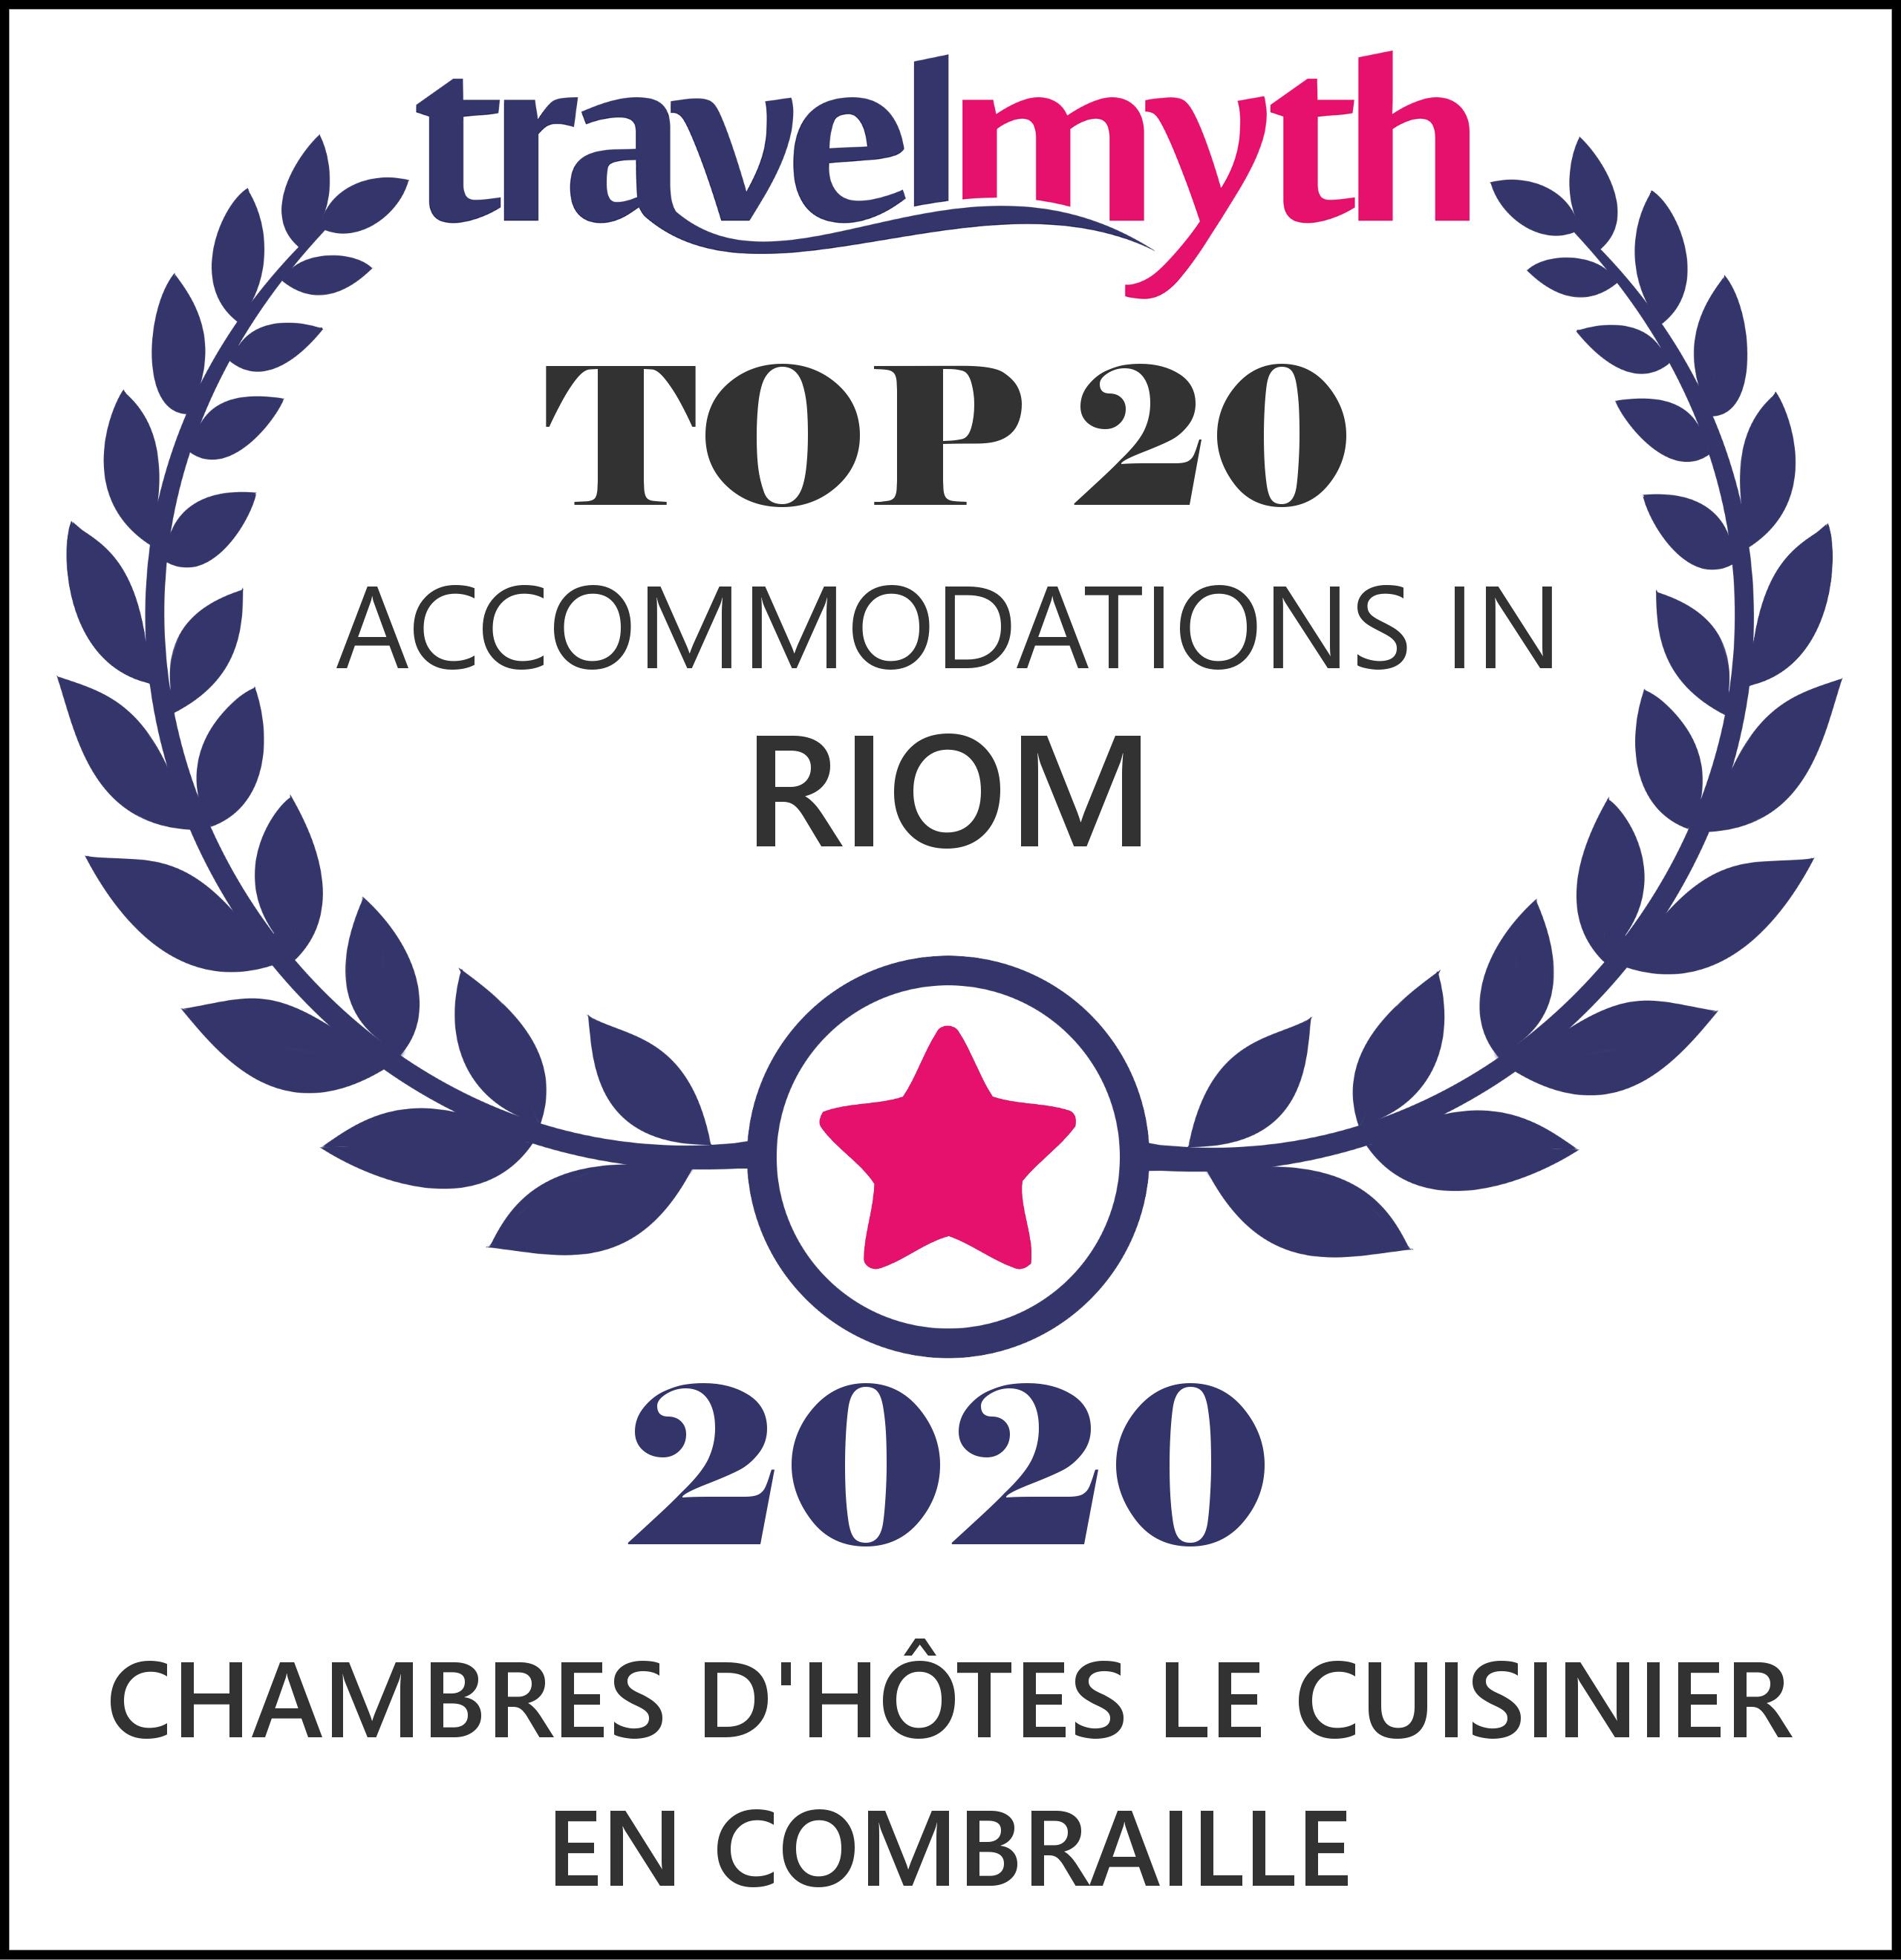 TravelMyth Top 20 Riom Certificate